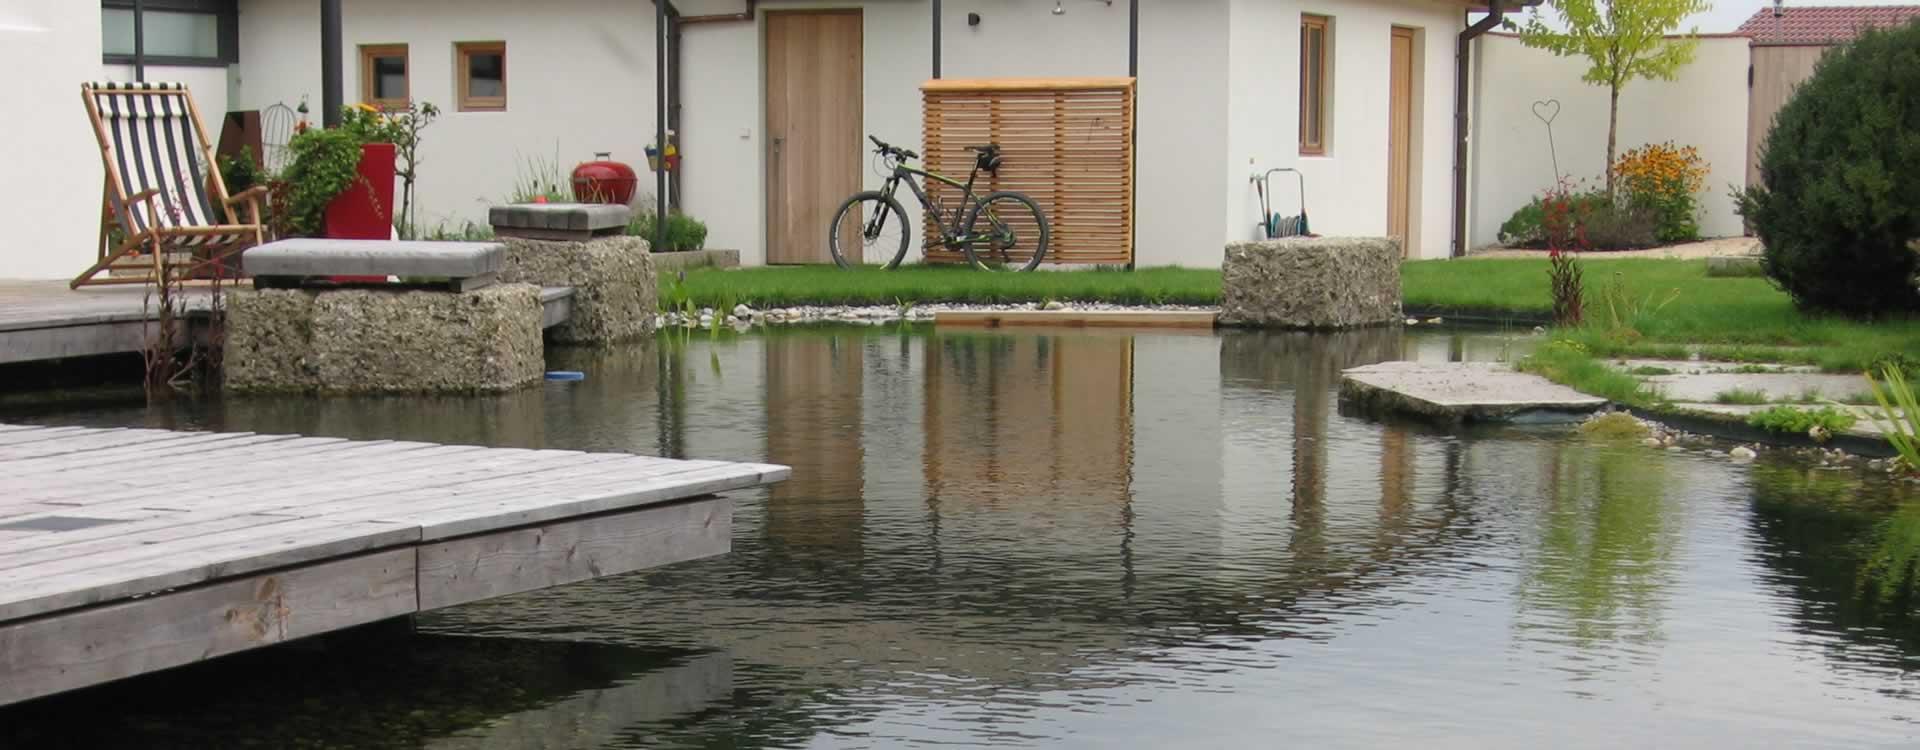 Schwimmteich schwimmteiche badeteich von teichbau for Gartenteich gfk